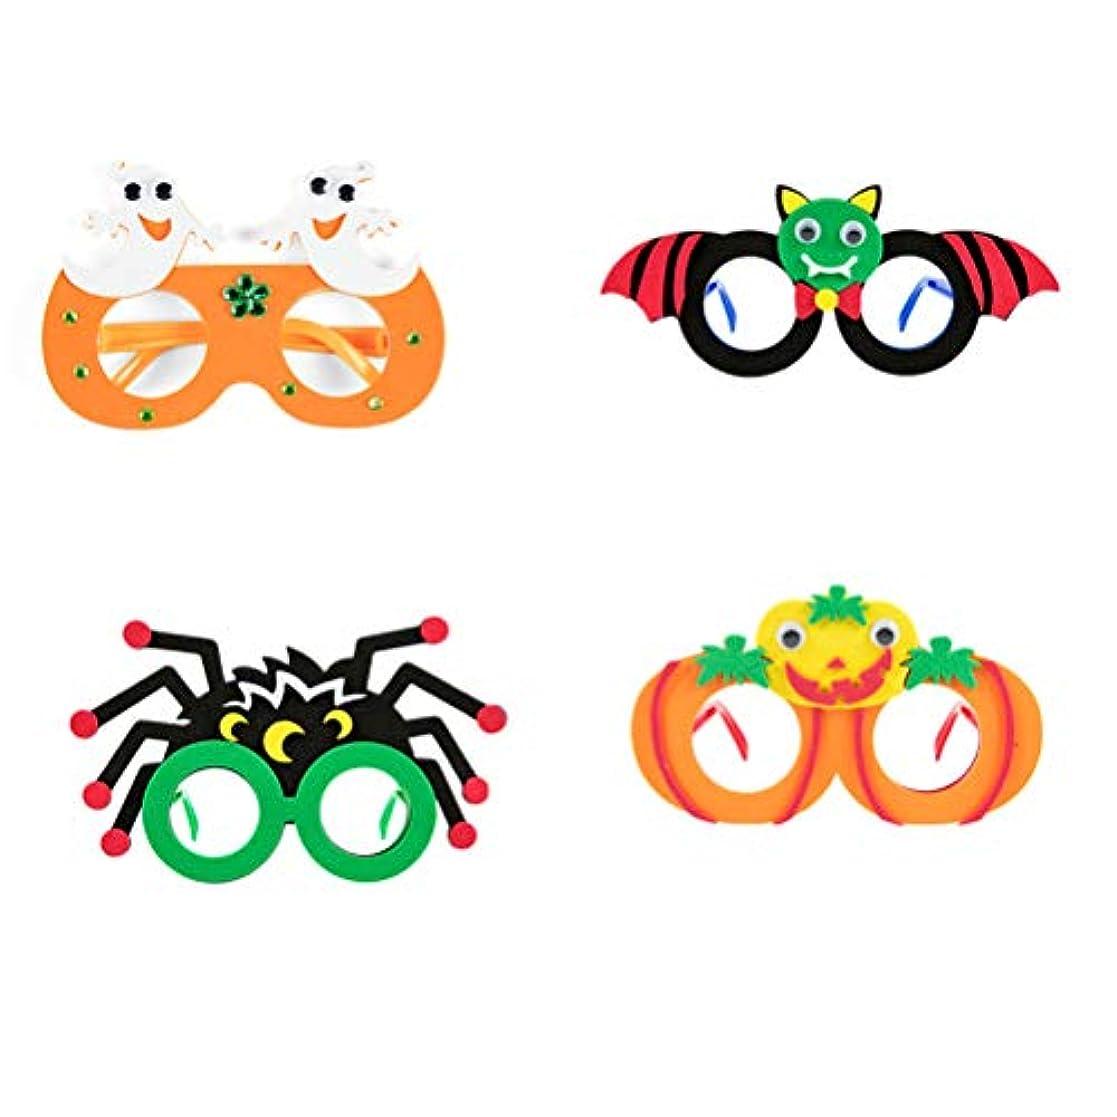 薄い環境に優しいアーサーAMOSFUN 4ピースハロウィンパーティーガラス用子供パンプキンバットゴーストスパイダー眼鏡トリッキーないたずらプロップドレスアップパーティー衣装子供のため